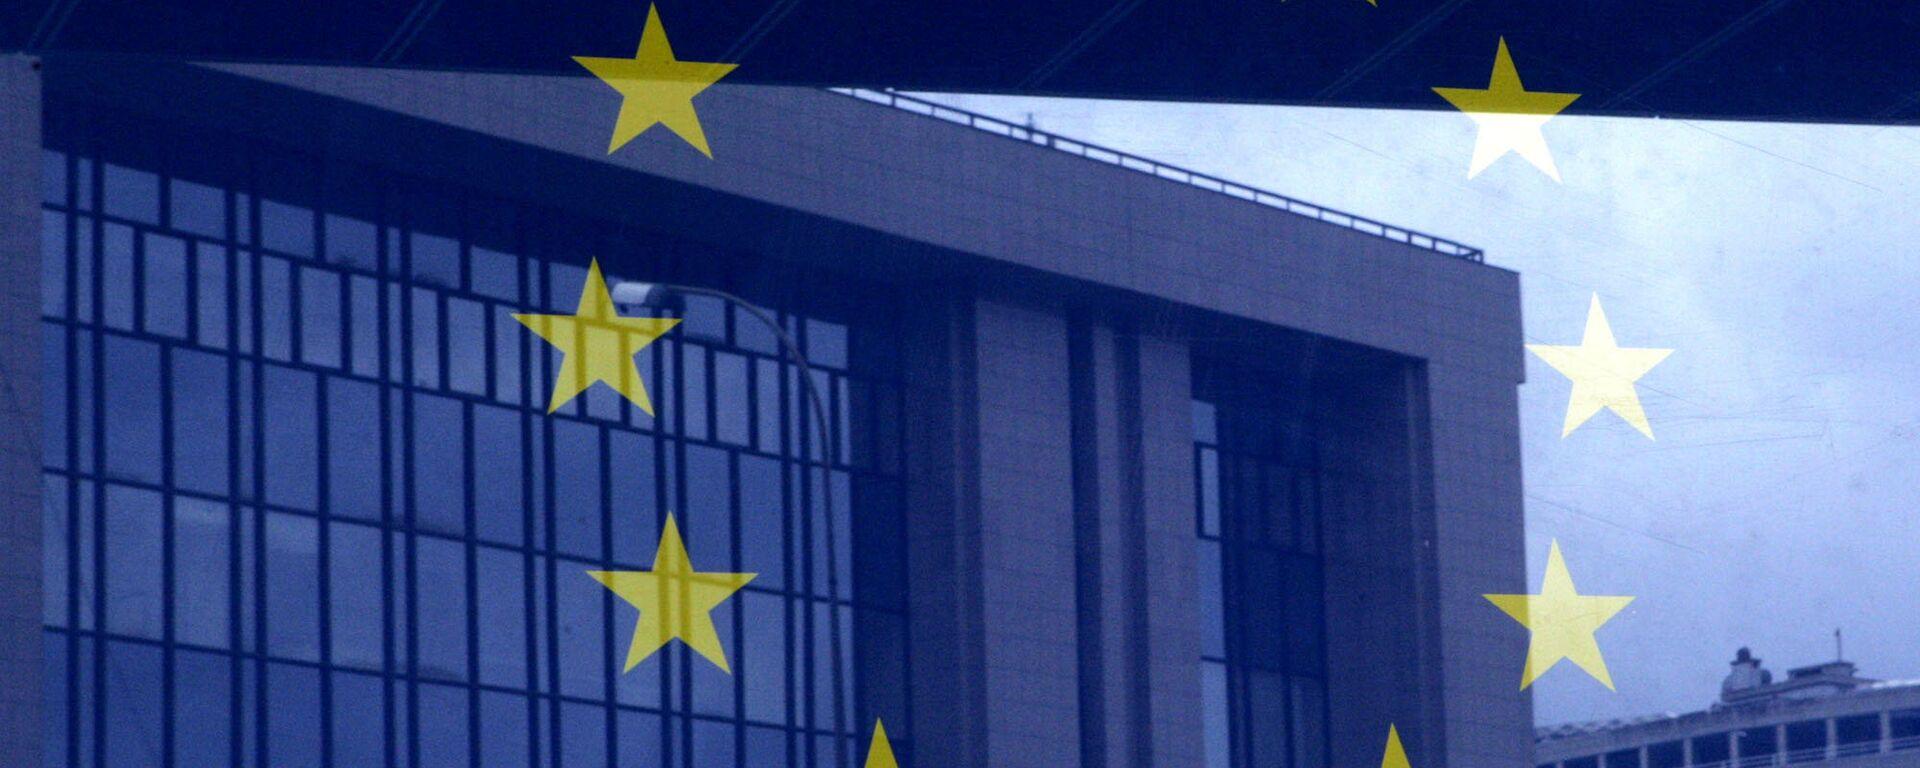 La sede del Consejo de la UE - Sputnik Mundo, 1920, 12.04.2021